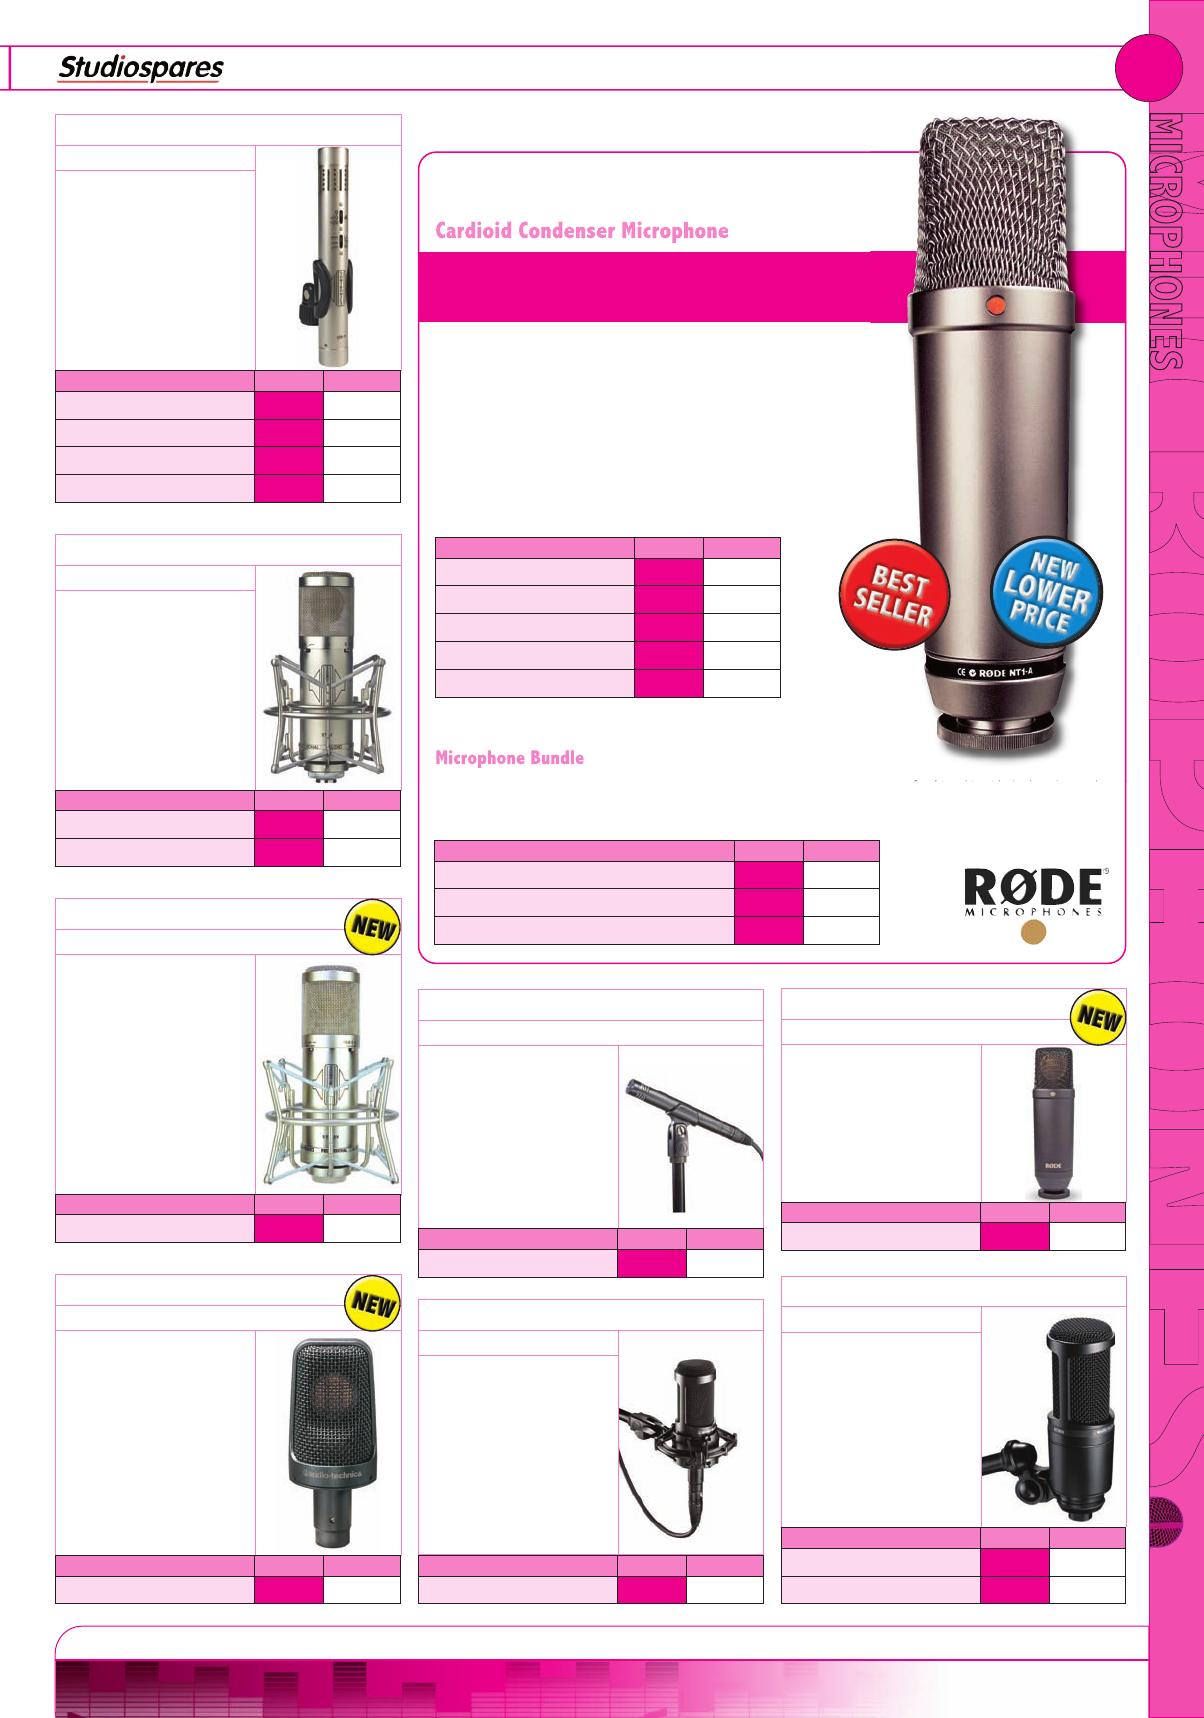 Studiospares Catalogue 2014 Akg C519m Mic Saxophone